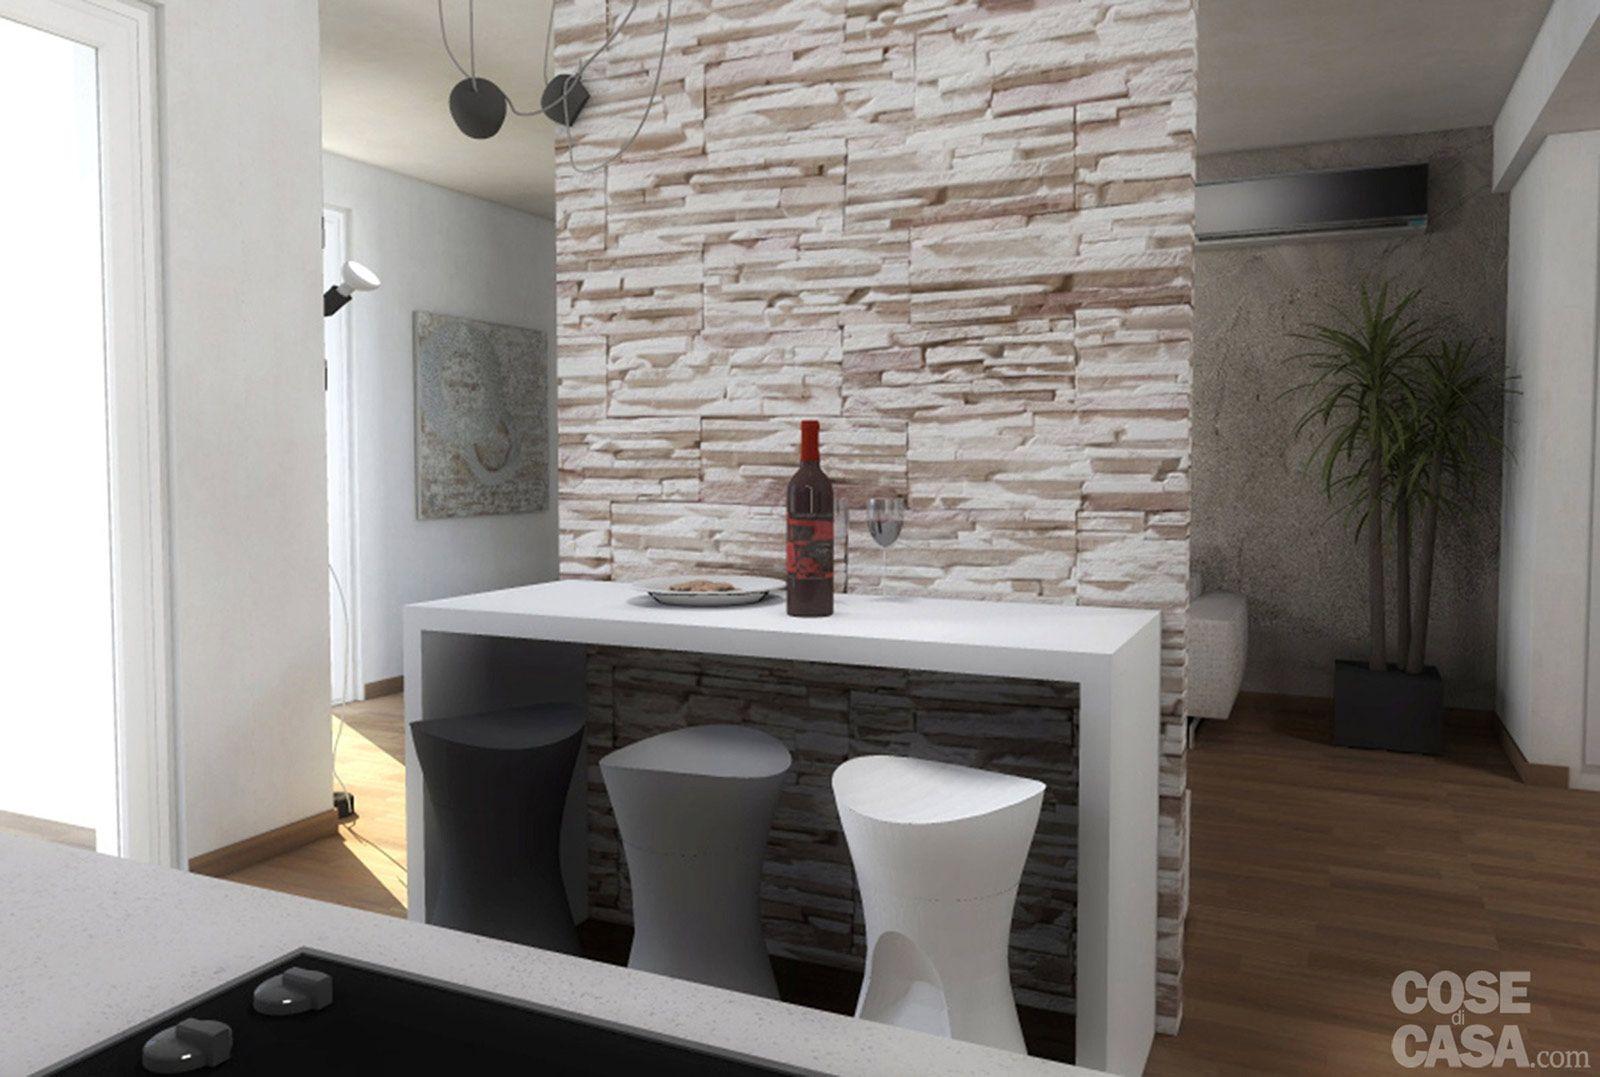 pareti divisorie per soggiorno cucina: tiarch.com muri di vetro. - Pannelli Divisori Cucina Soggiorno 2